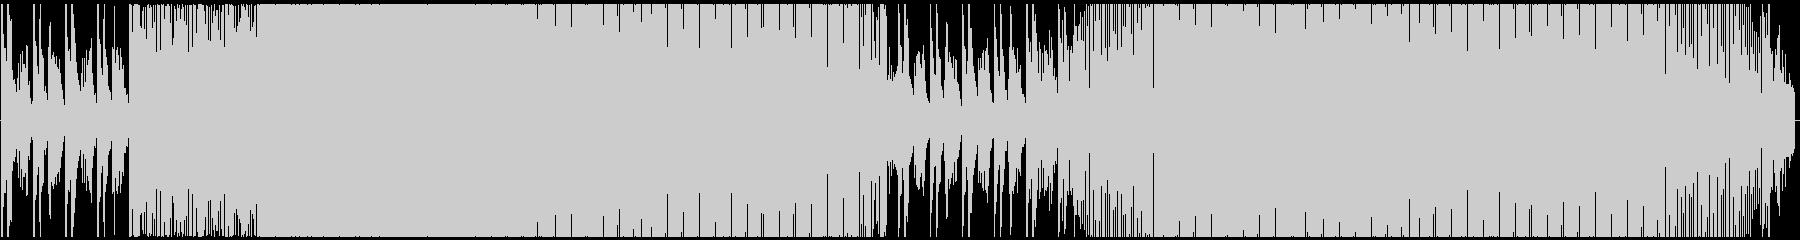 ピアノが印象的なチルアウトドラムンベースの未再生の波形